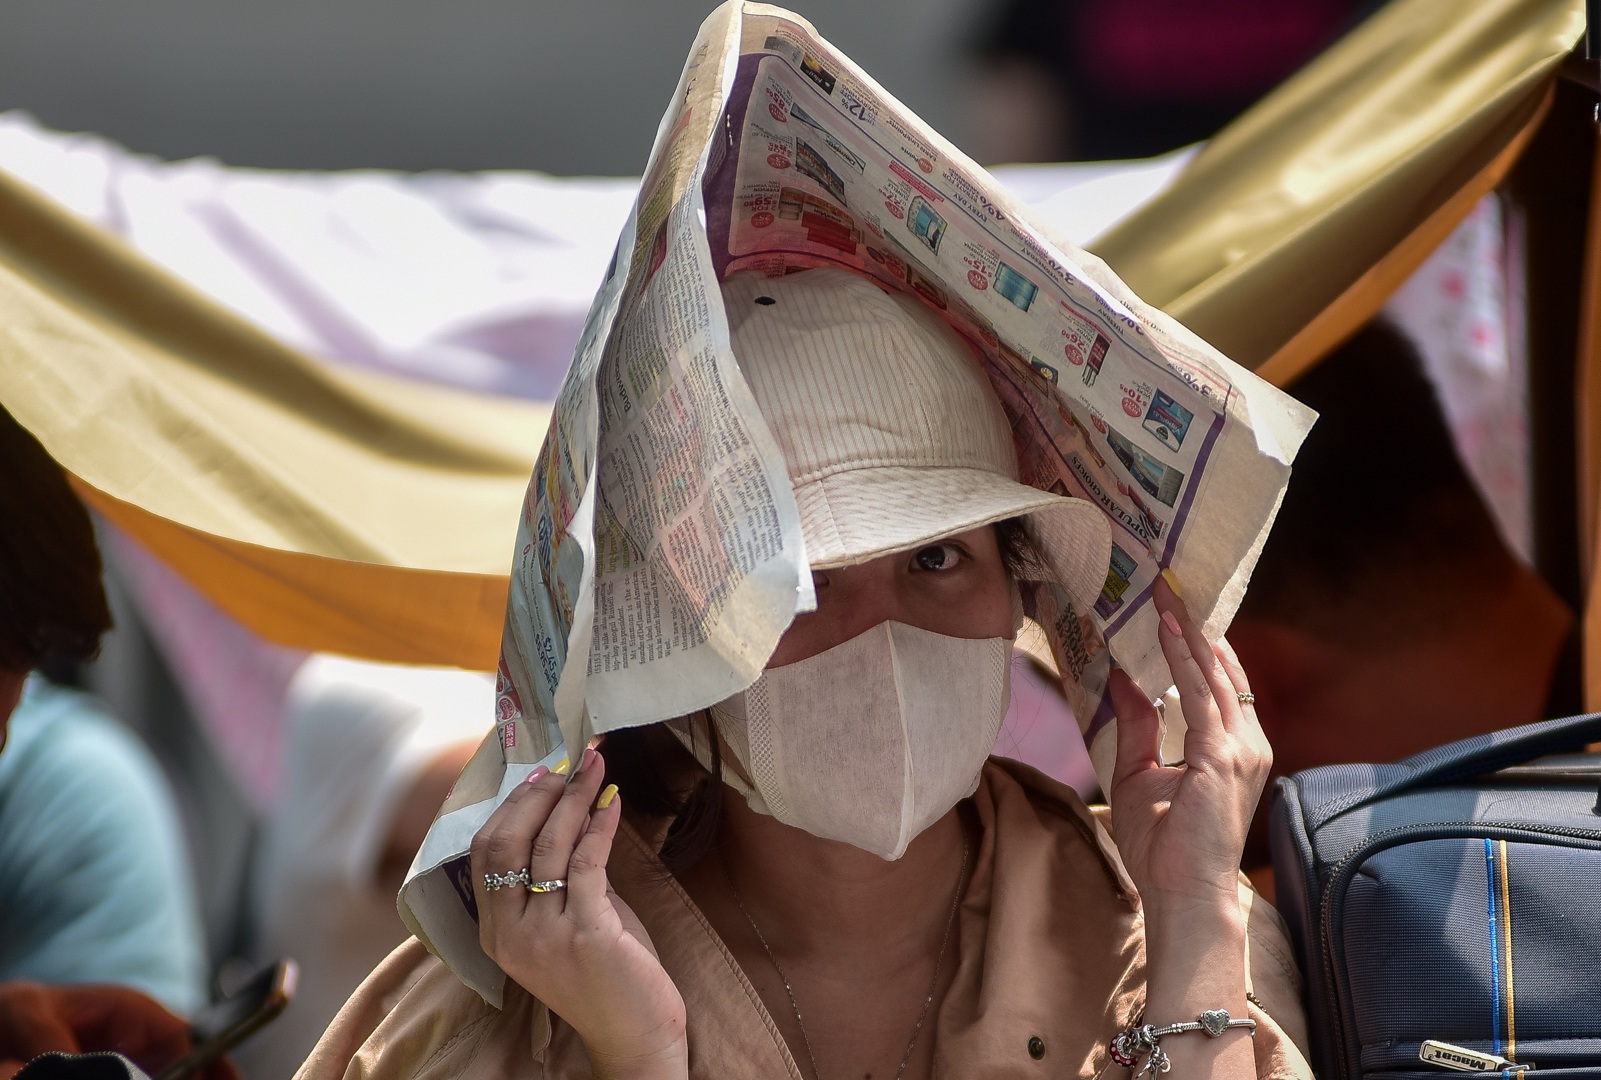 Tường thuật từ Singapore: Cả ngàn người ăn chực nằm chờ iPhone 11 - 3